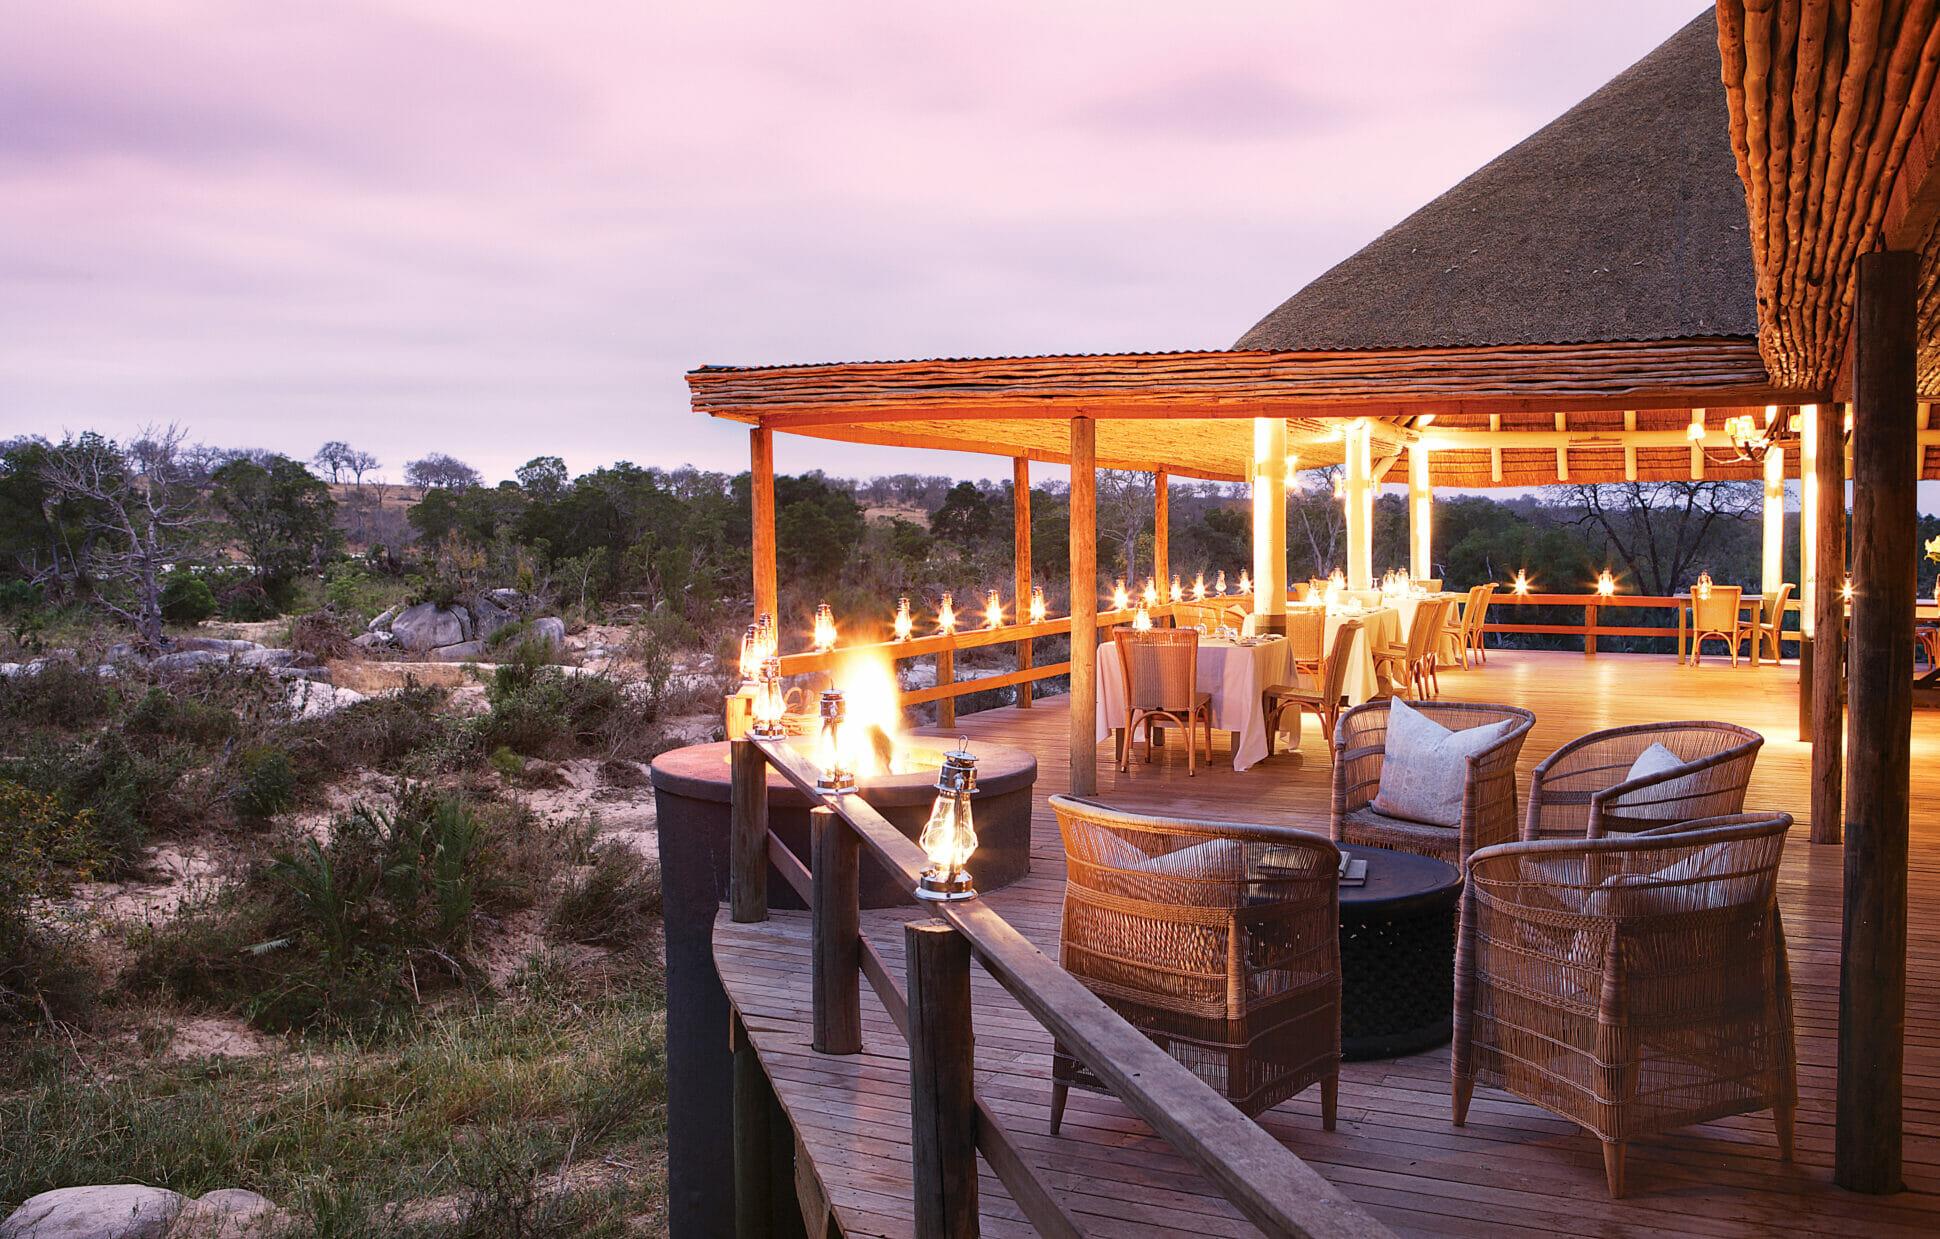 Greater Kruger & Winelands site feedback